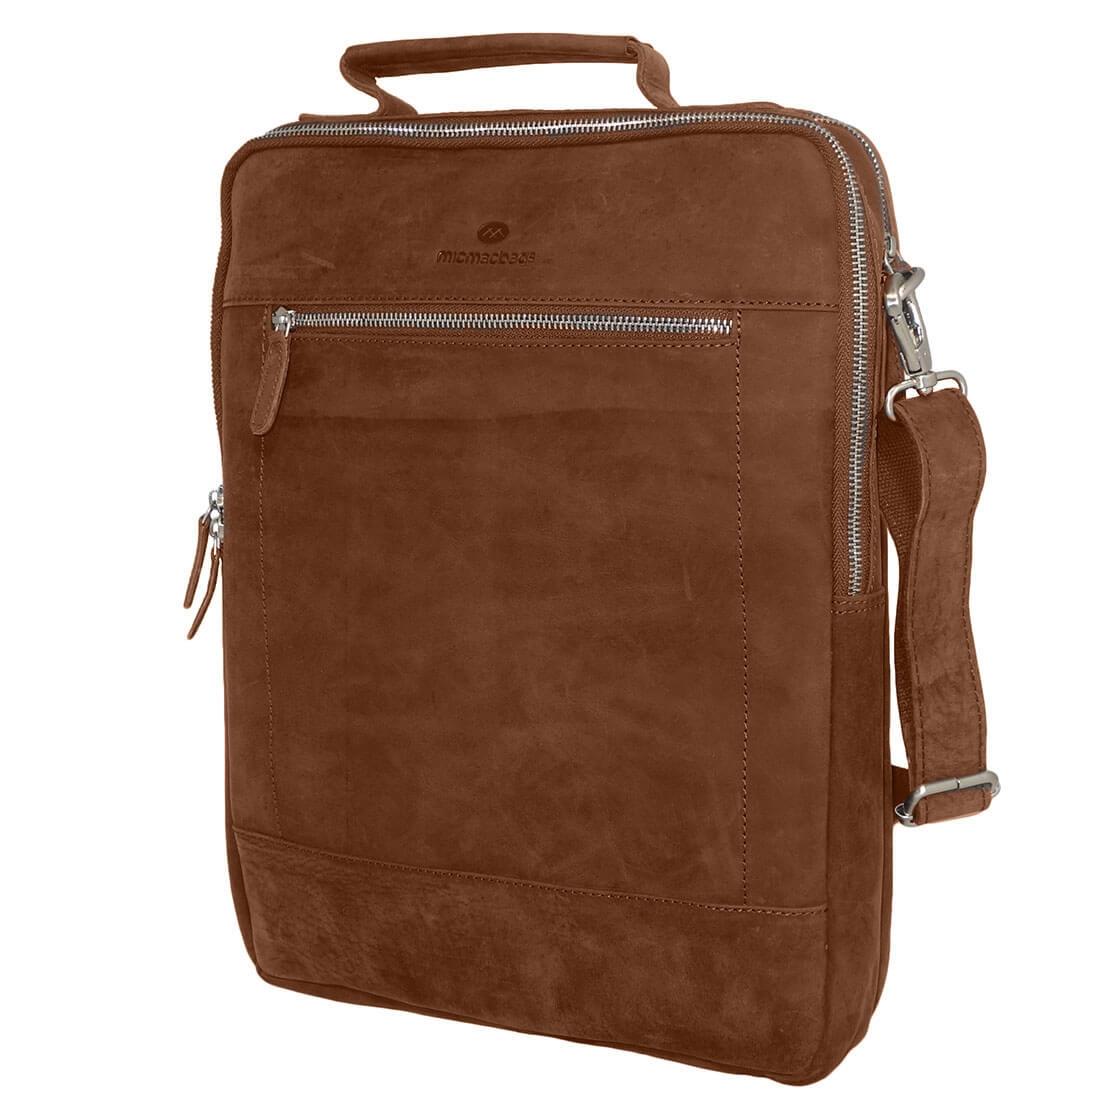 7542ef5368d Echt leren schoudertas / rugzak van MicMacbags. De tas is een ideale  werktas omdat een laptopvak heeft en er ook een 23 rings map in past.